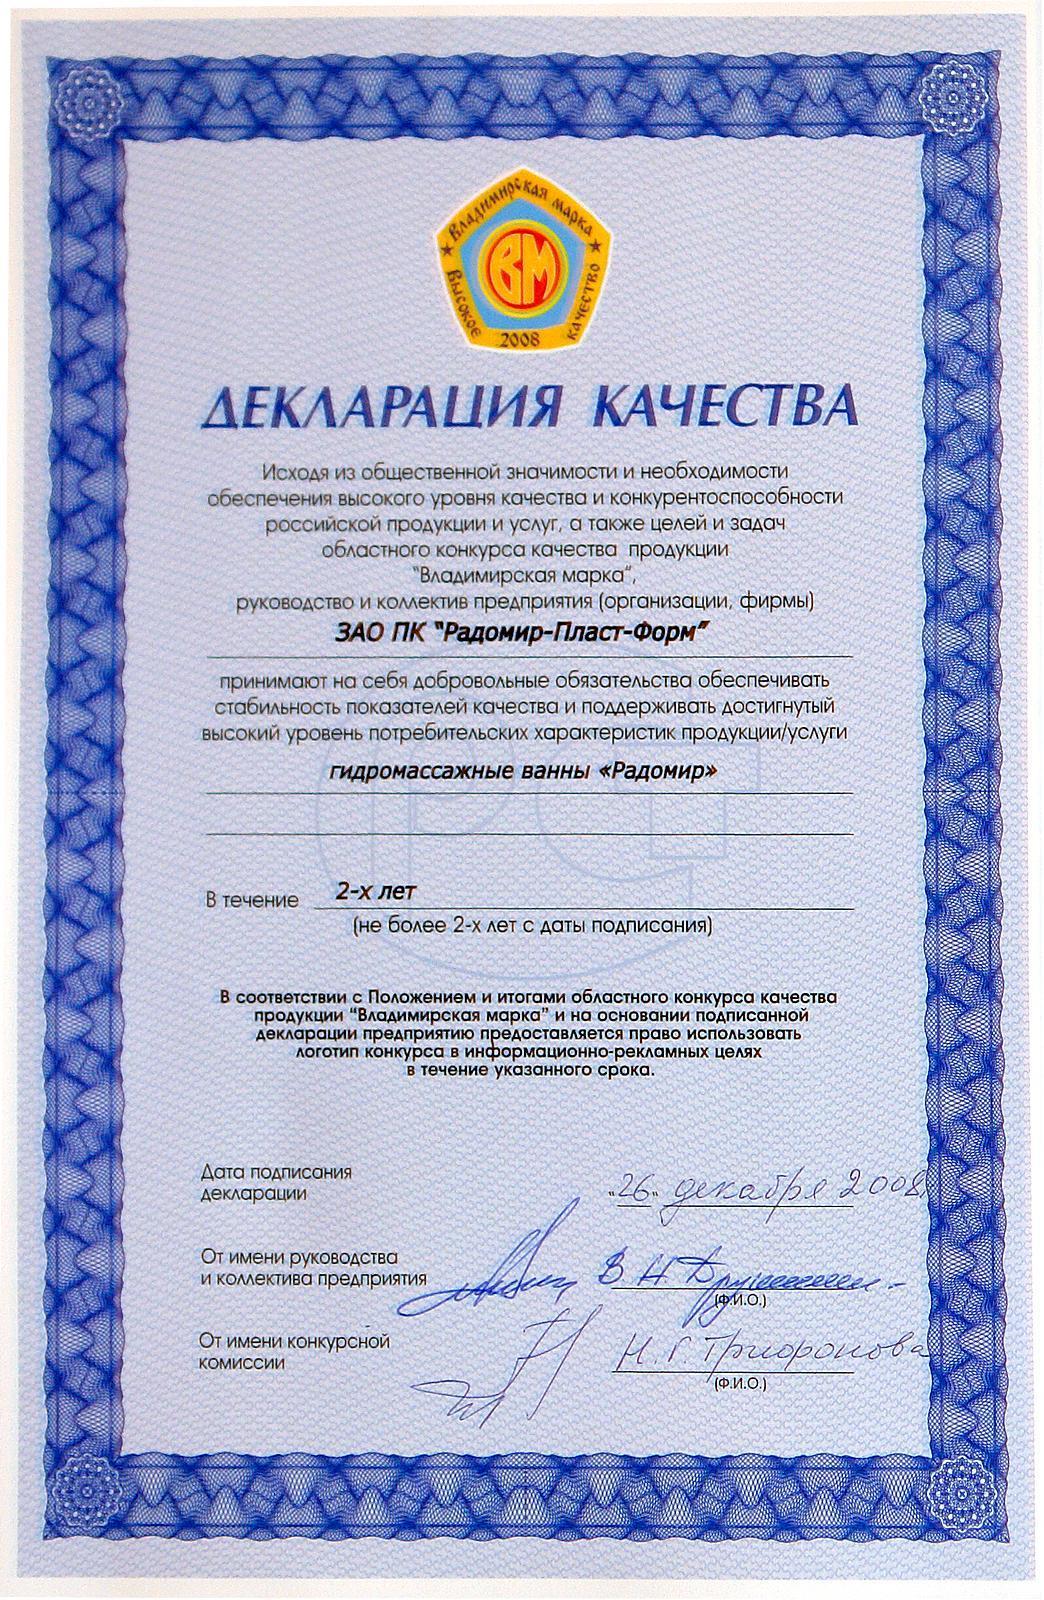 Декларация качества Владимирская марка 2008